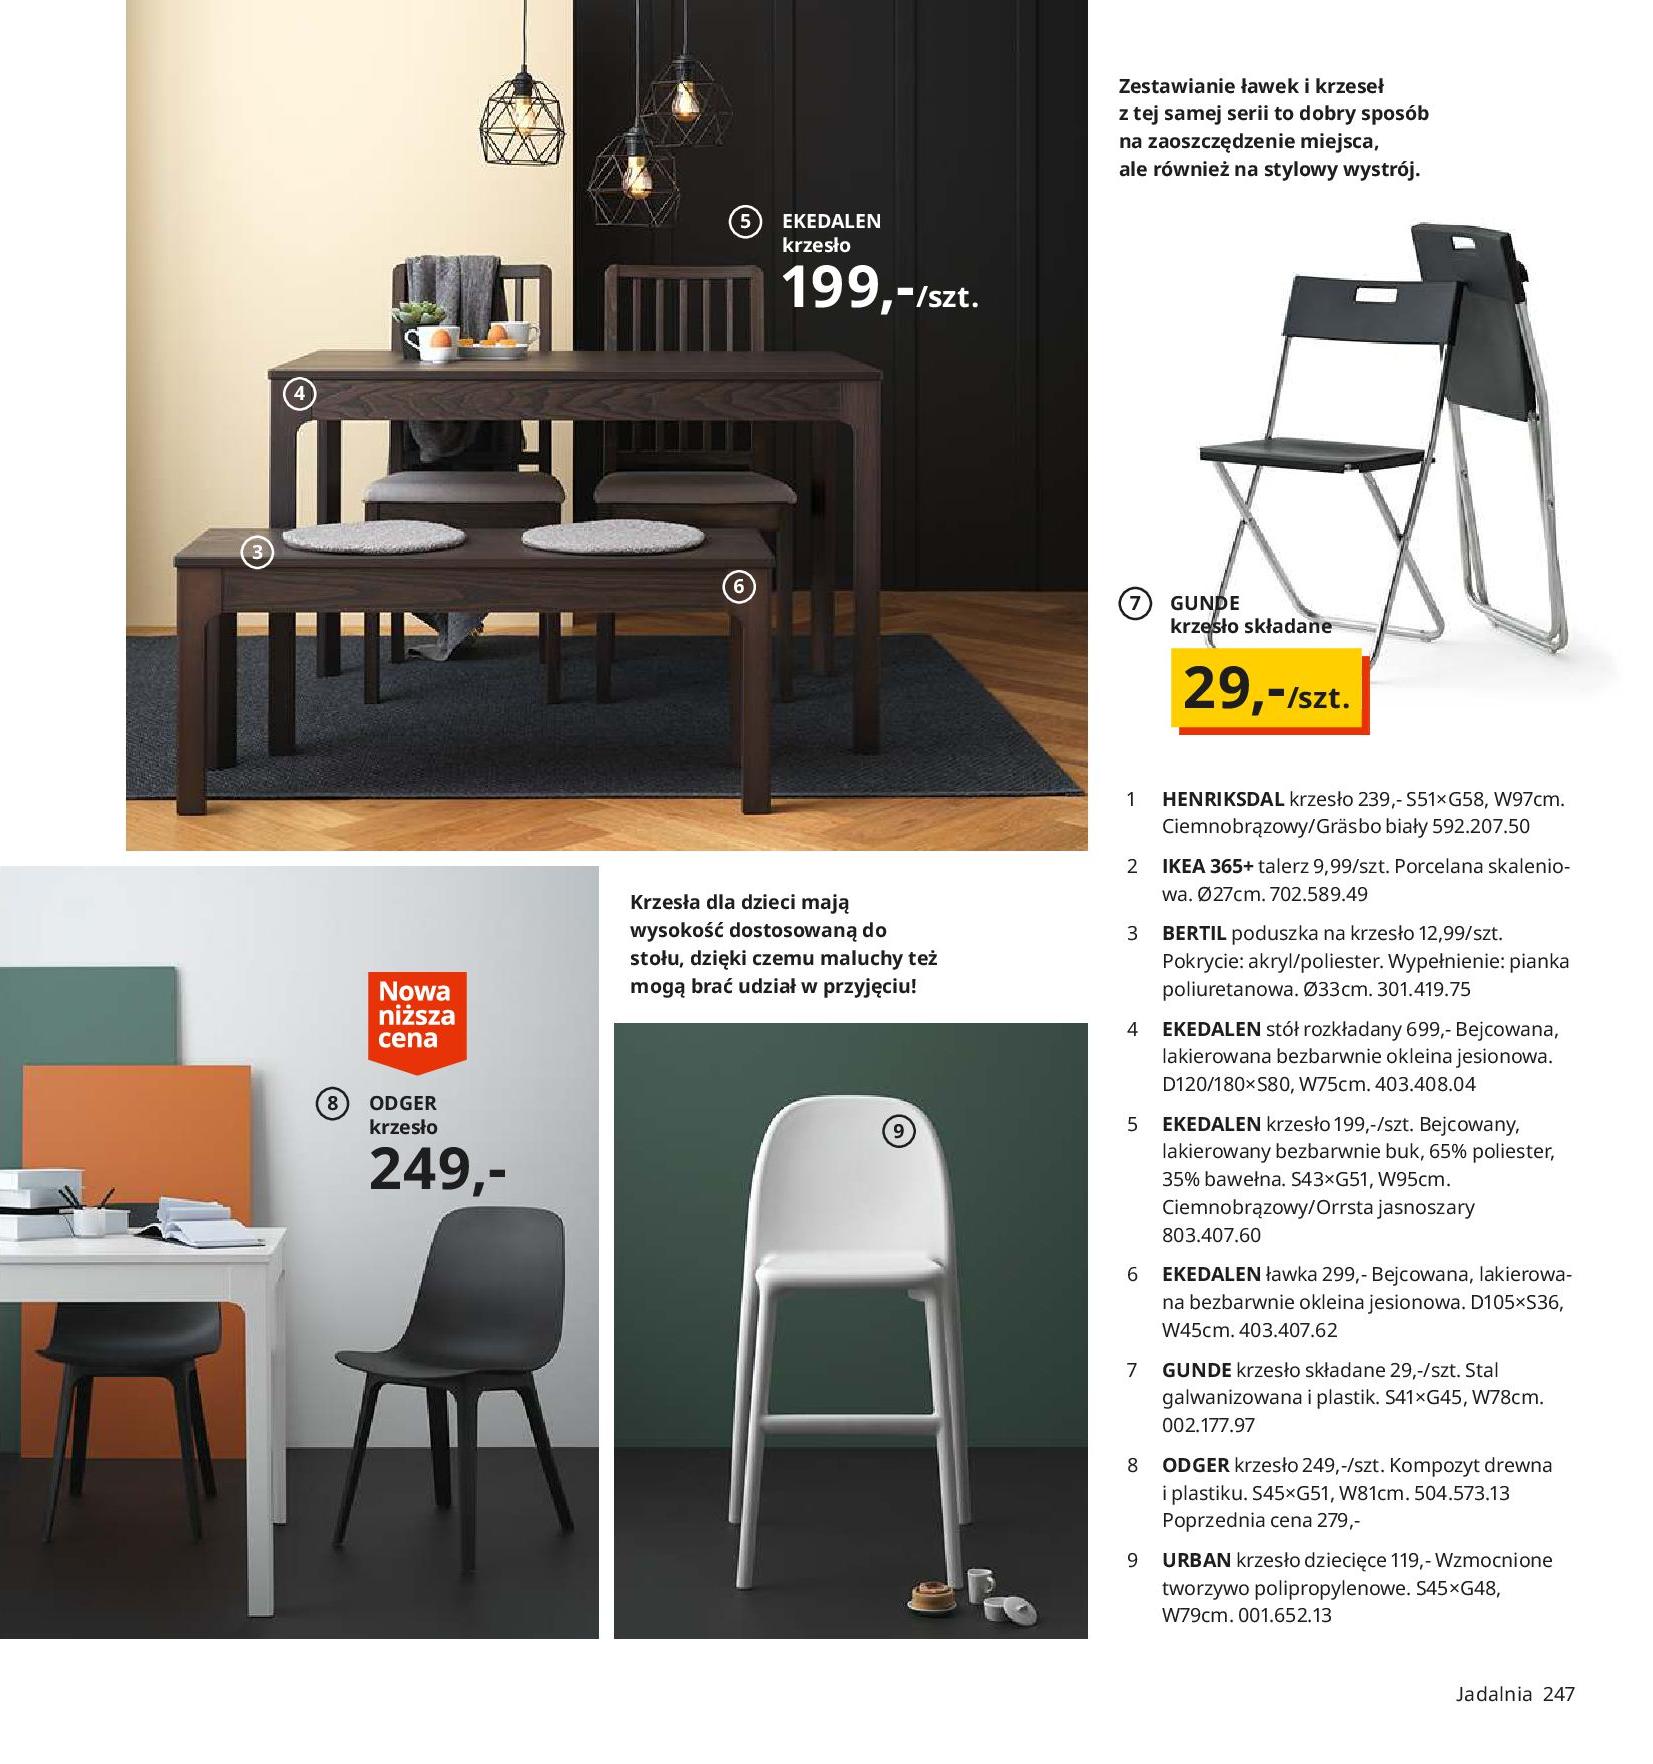 Gazetka IKEA - Katalog IKEA 2020-25.08.2019-31.07.2020-page-247